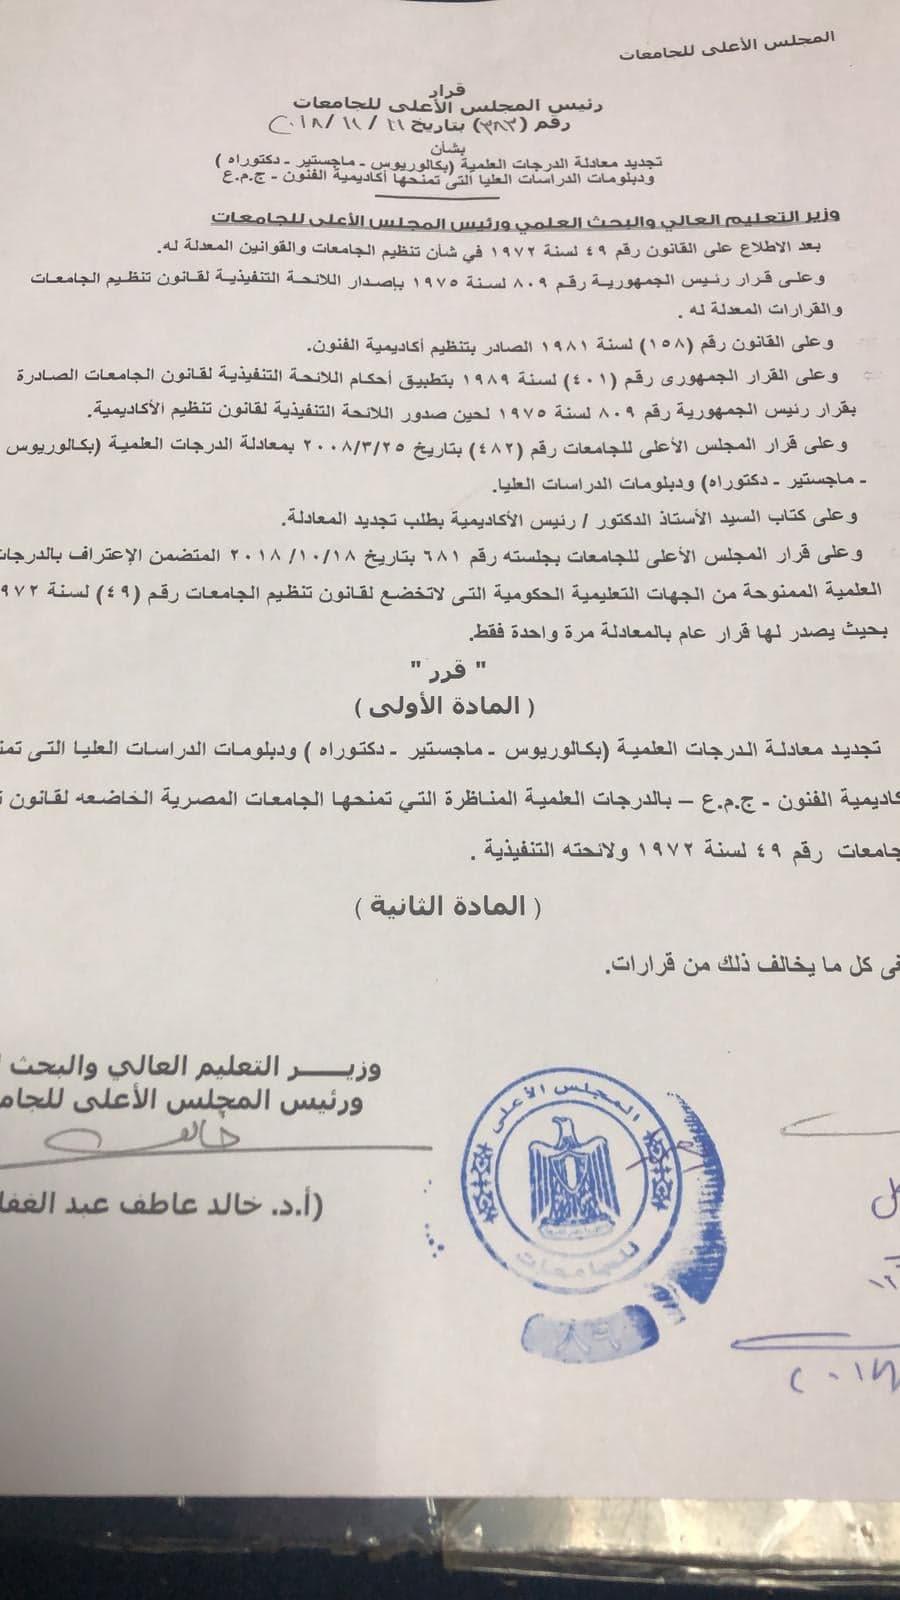 قرار المجلس الأعلى للجامعات بشأن أكاديمية الفنون